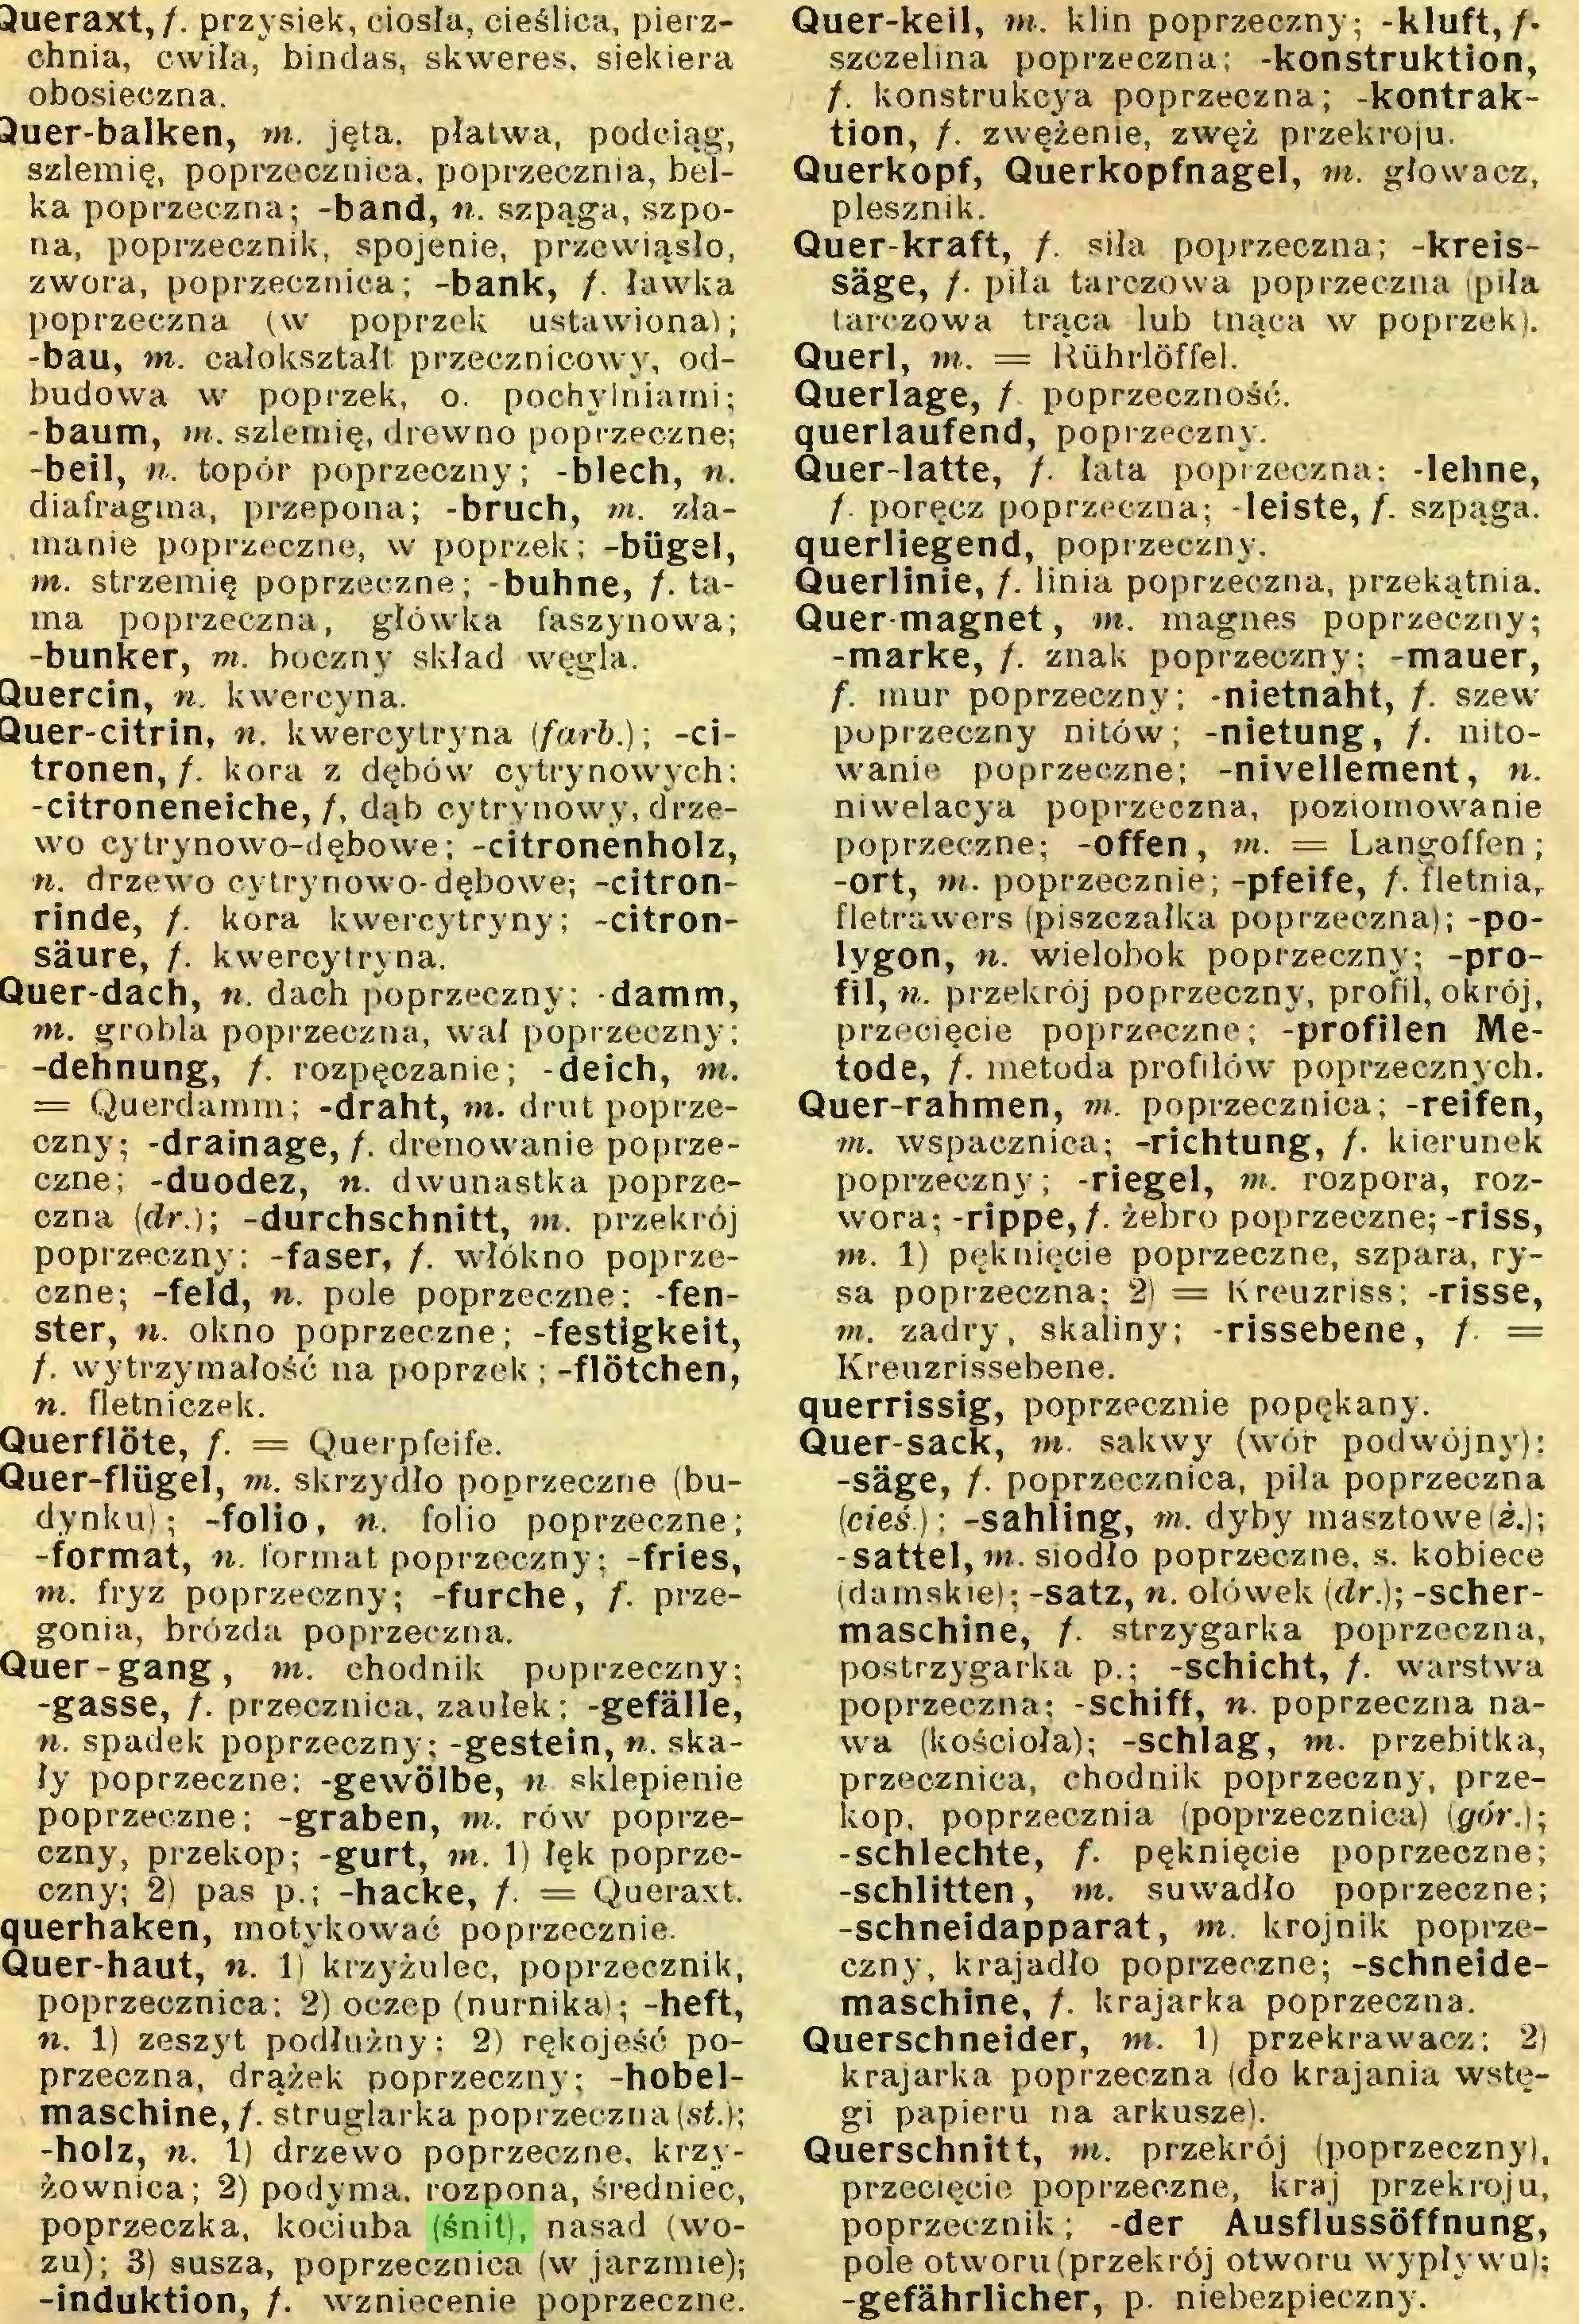 (...) maschine, /. struglarka poprzeczna (sí.); -holz, n. 1) drzewo poprzeczne, krzyżownica; 2) podyma, rozpona, średniec, poprzeczka, kociuba (śnit), nasad (wozu); 3) susza, poprzecznica (w jarzmie); -induktion, /. wzniecenie poprzeczne. Quer-keil, m. klin poprzeczny; -kluft,/• szczelina poprzeczna; -konstruktion, f. konstrukcja poprzeczna; -kontraktion, f. zwężenie, zwęź przekroju...